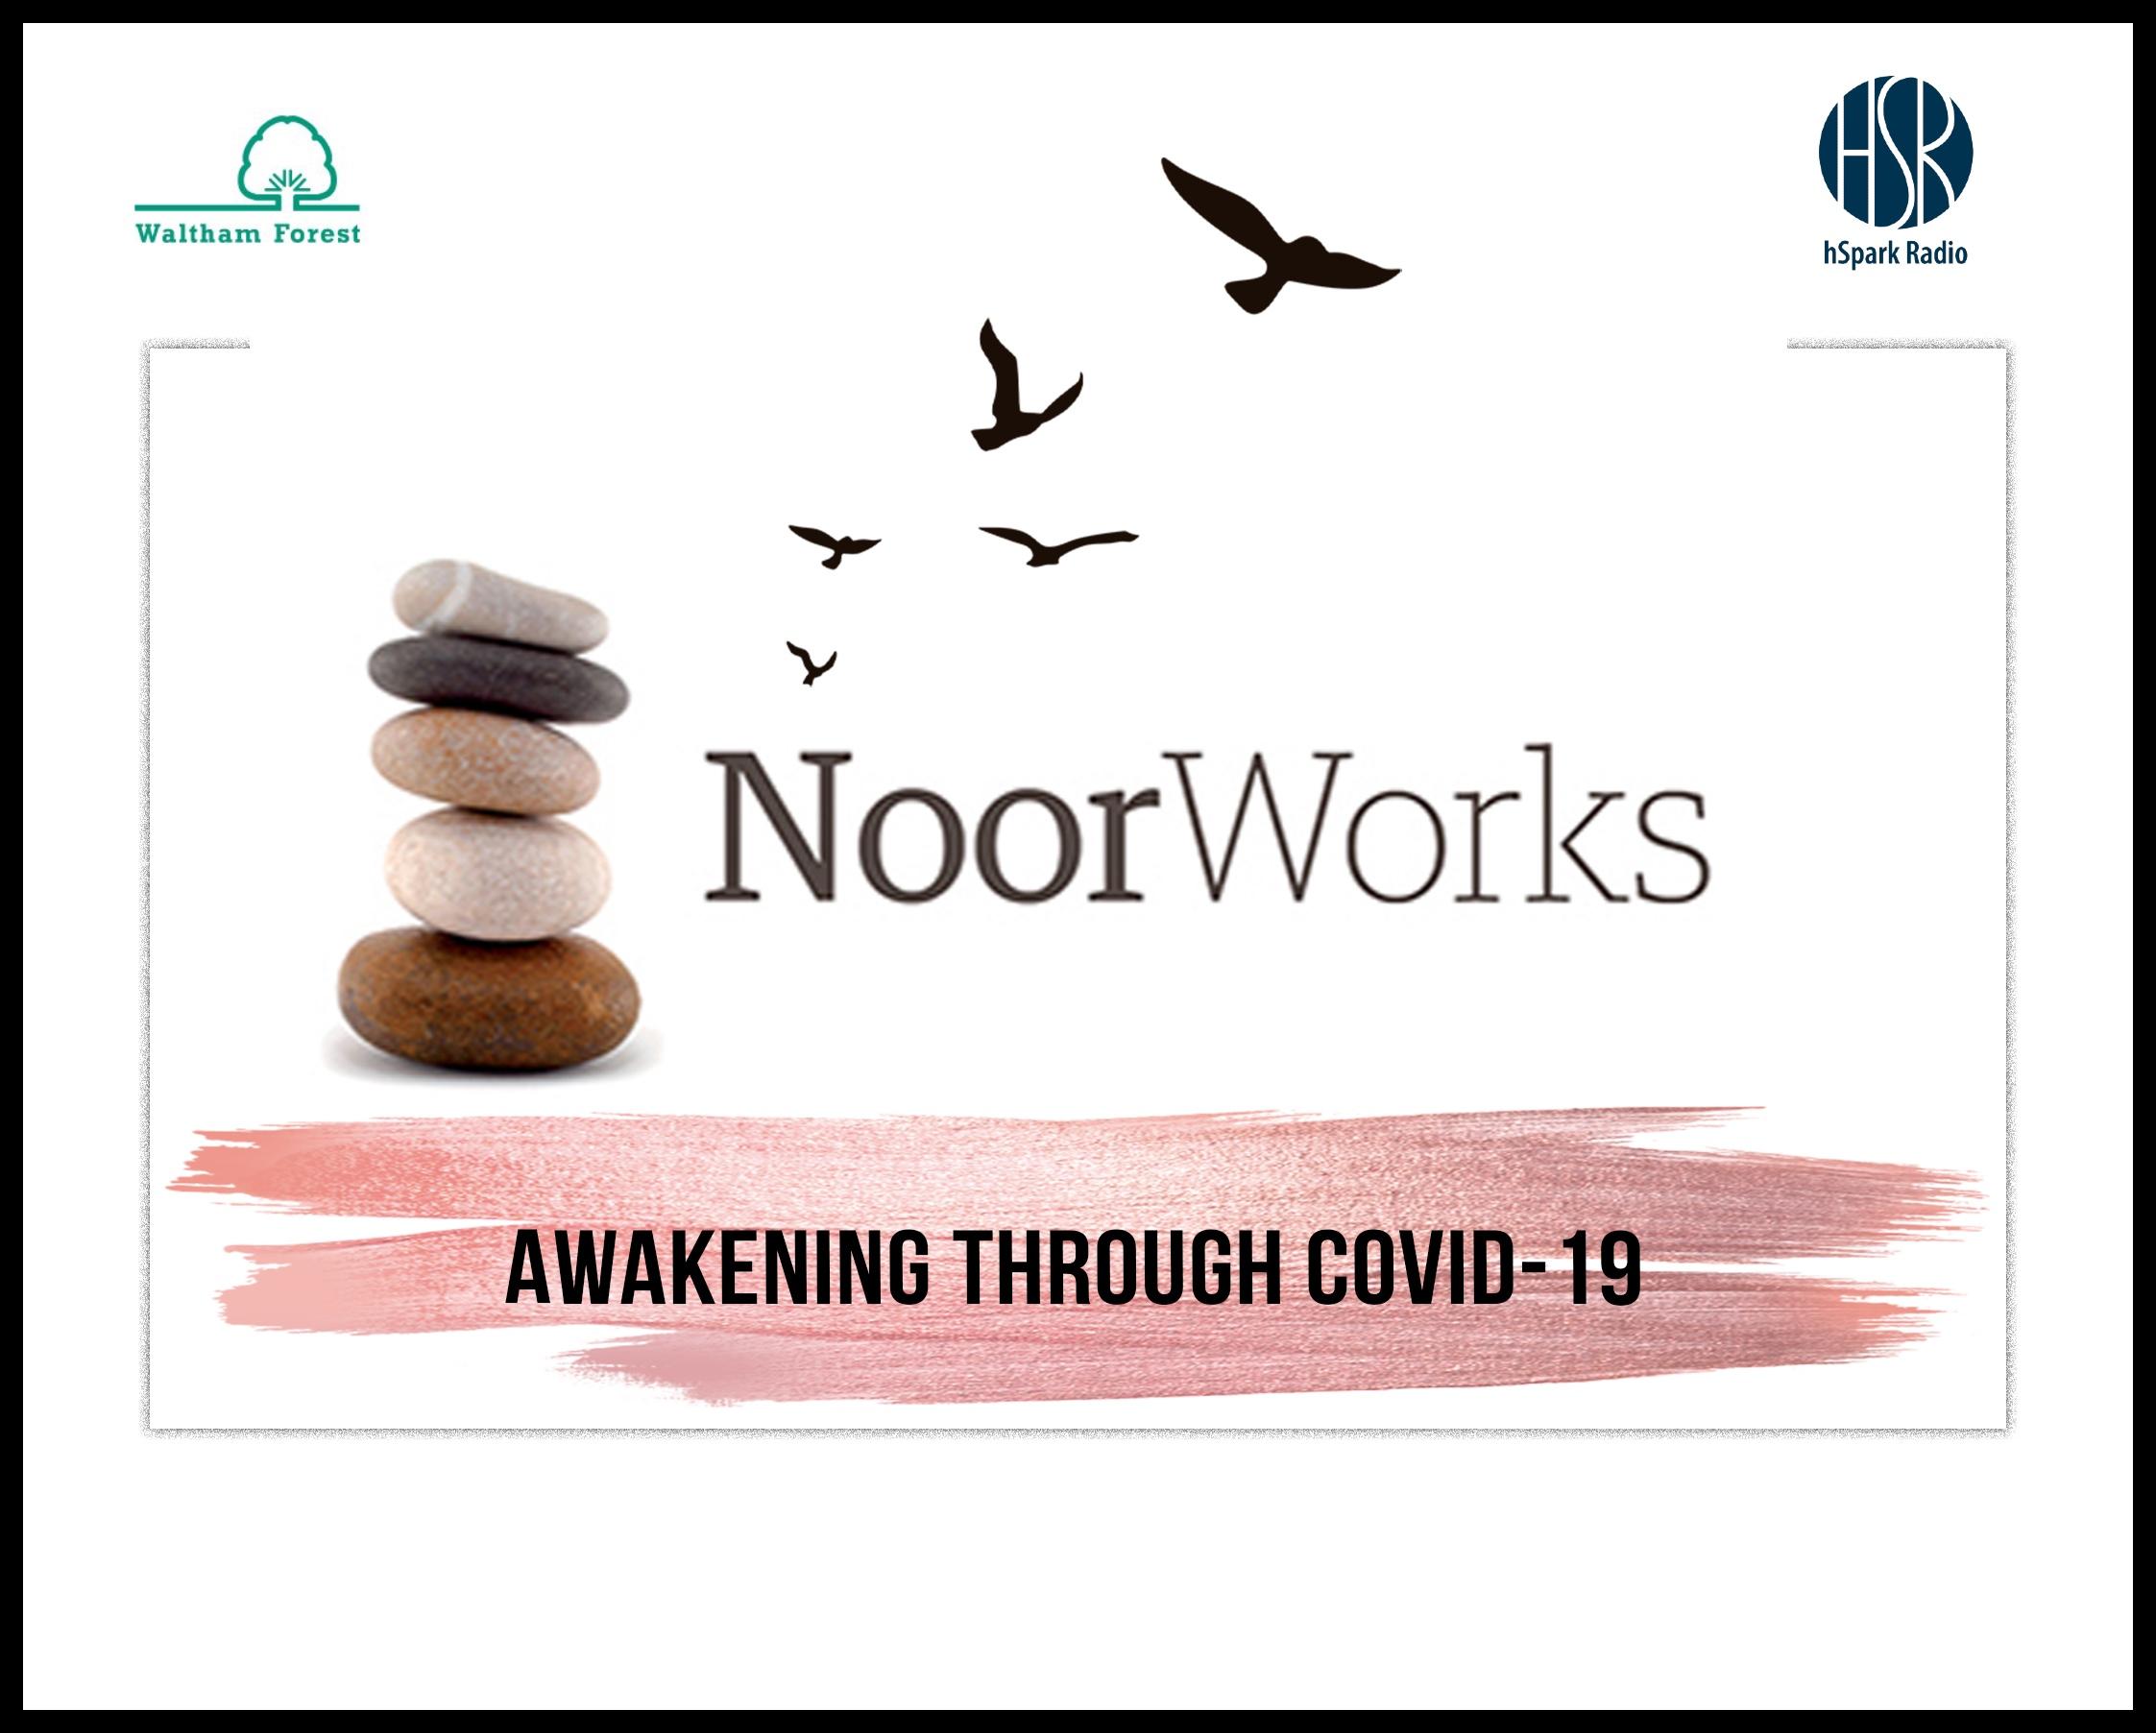 noorworks logo 5